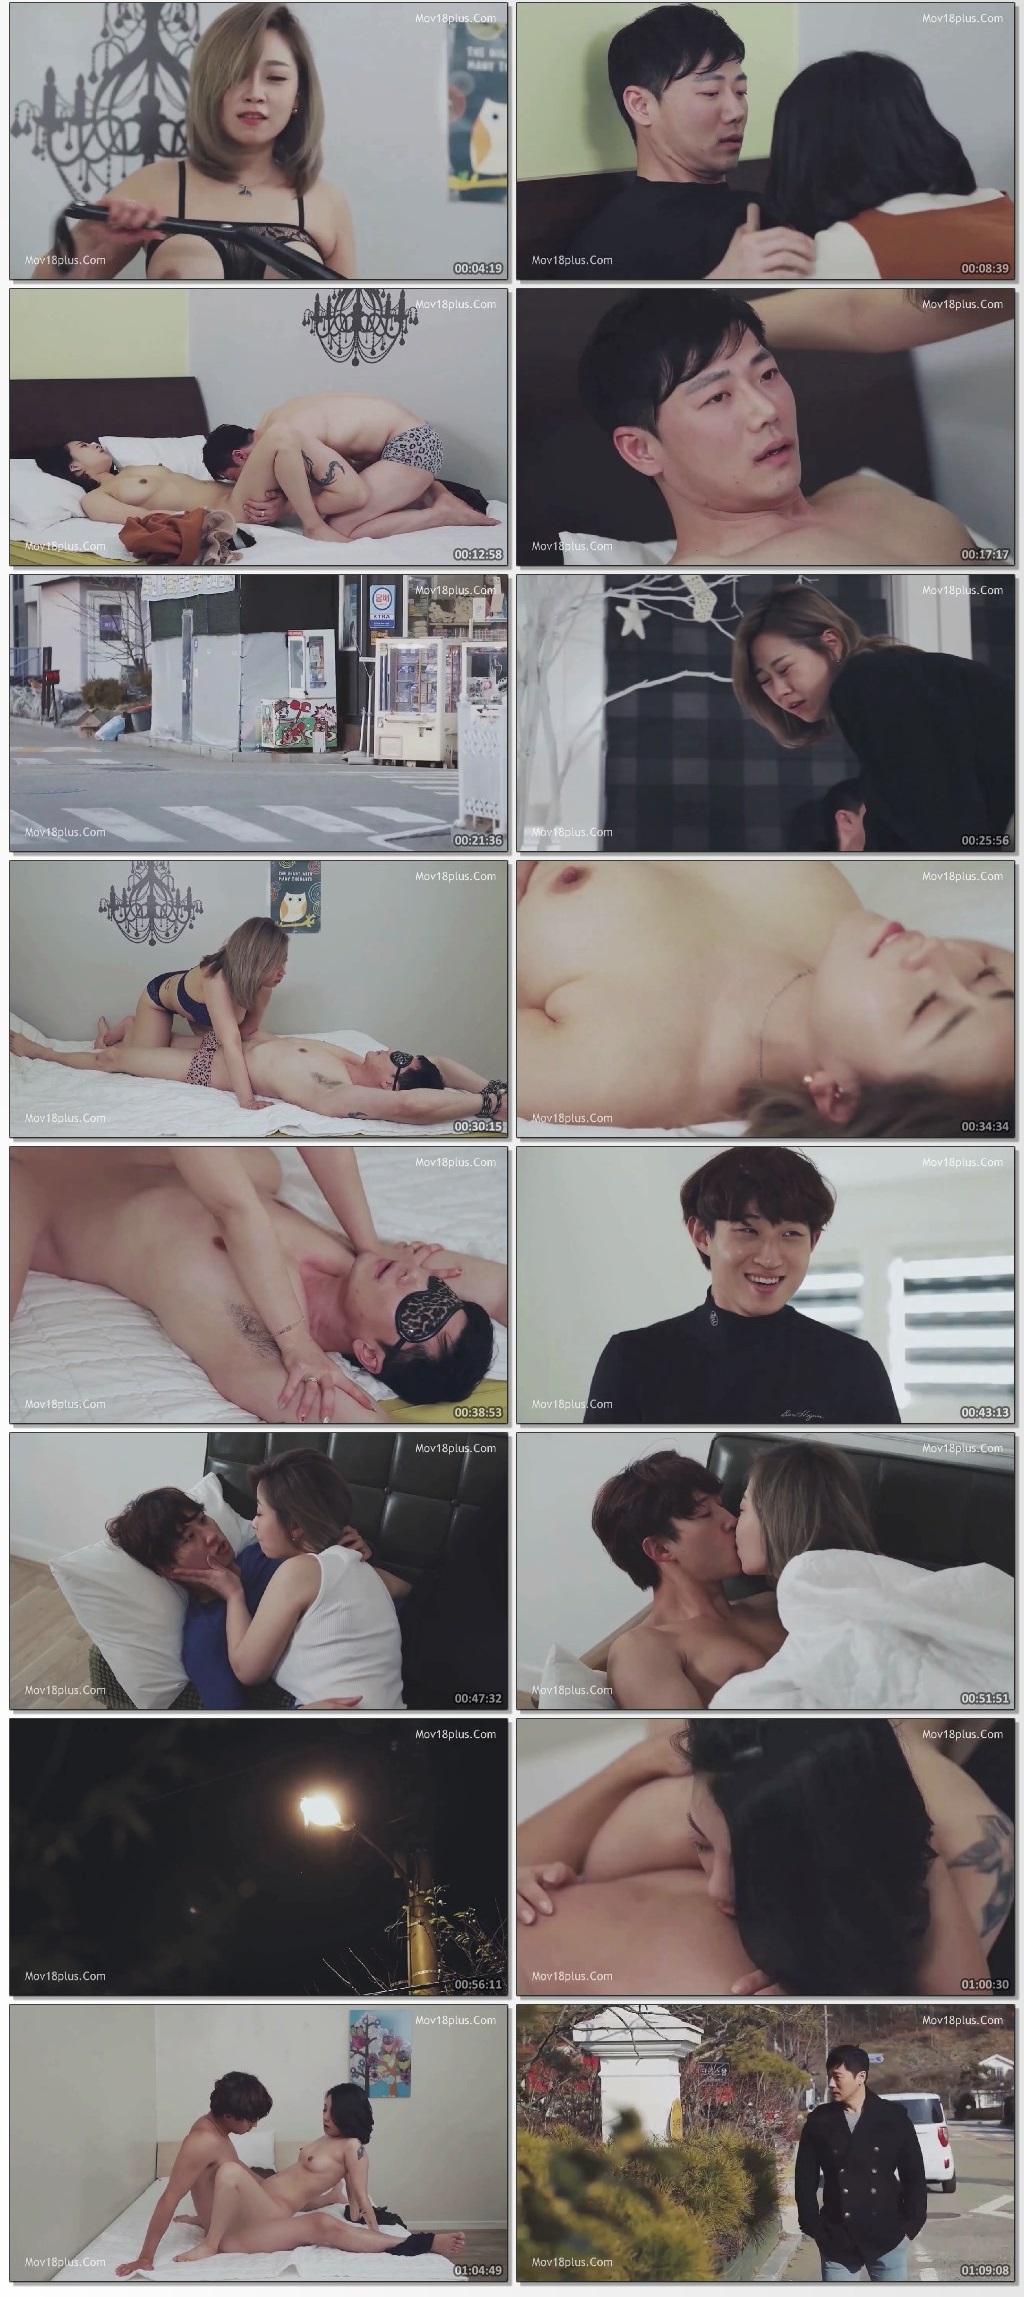 Vicarious-Sex-Take-Care-Of-My-Sister-2021-www-filmguro-site-Korean-Movie-720p-HDRip-650-MB-mkv-thumb